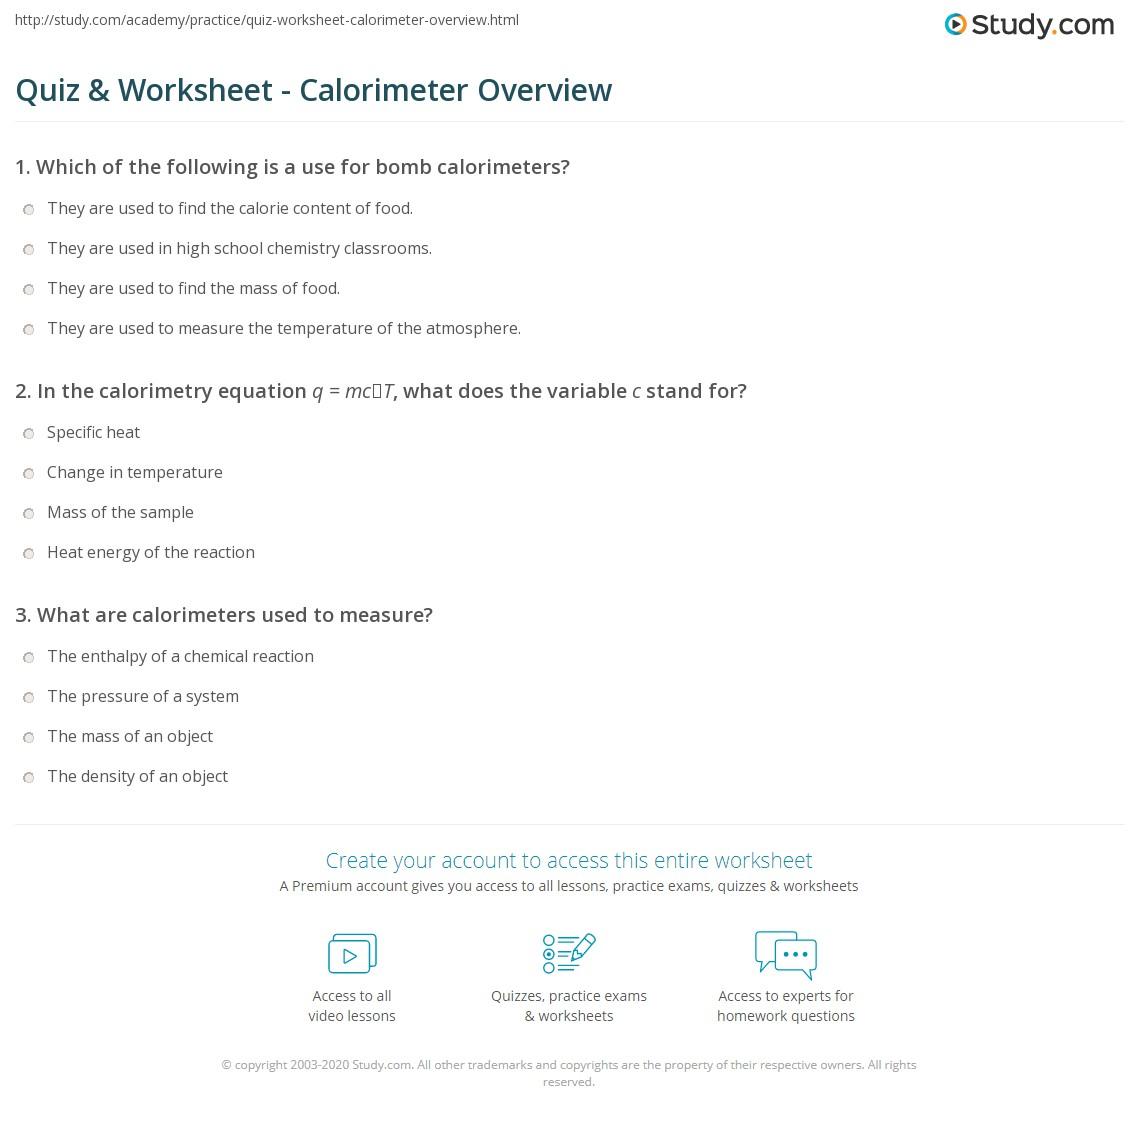 quiz worksheet calorimeter overview. Black Bedroom Furniture Sets. Home Design Ideas